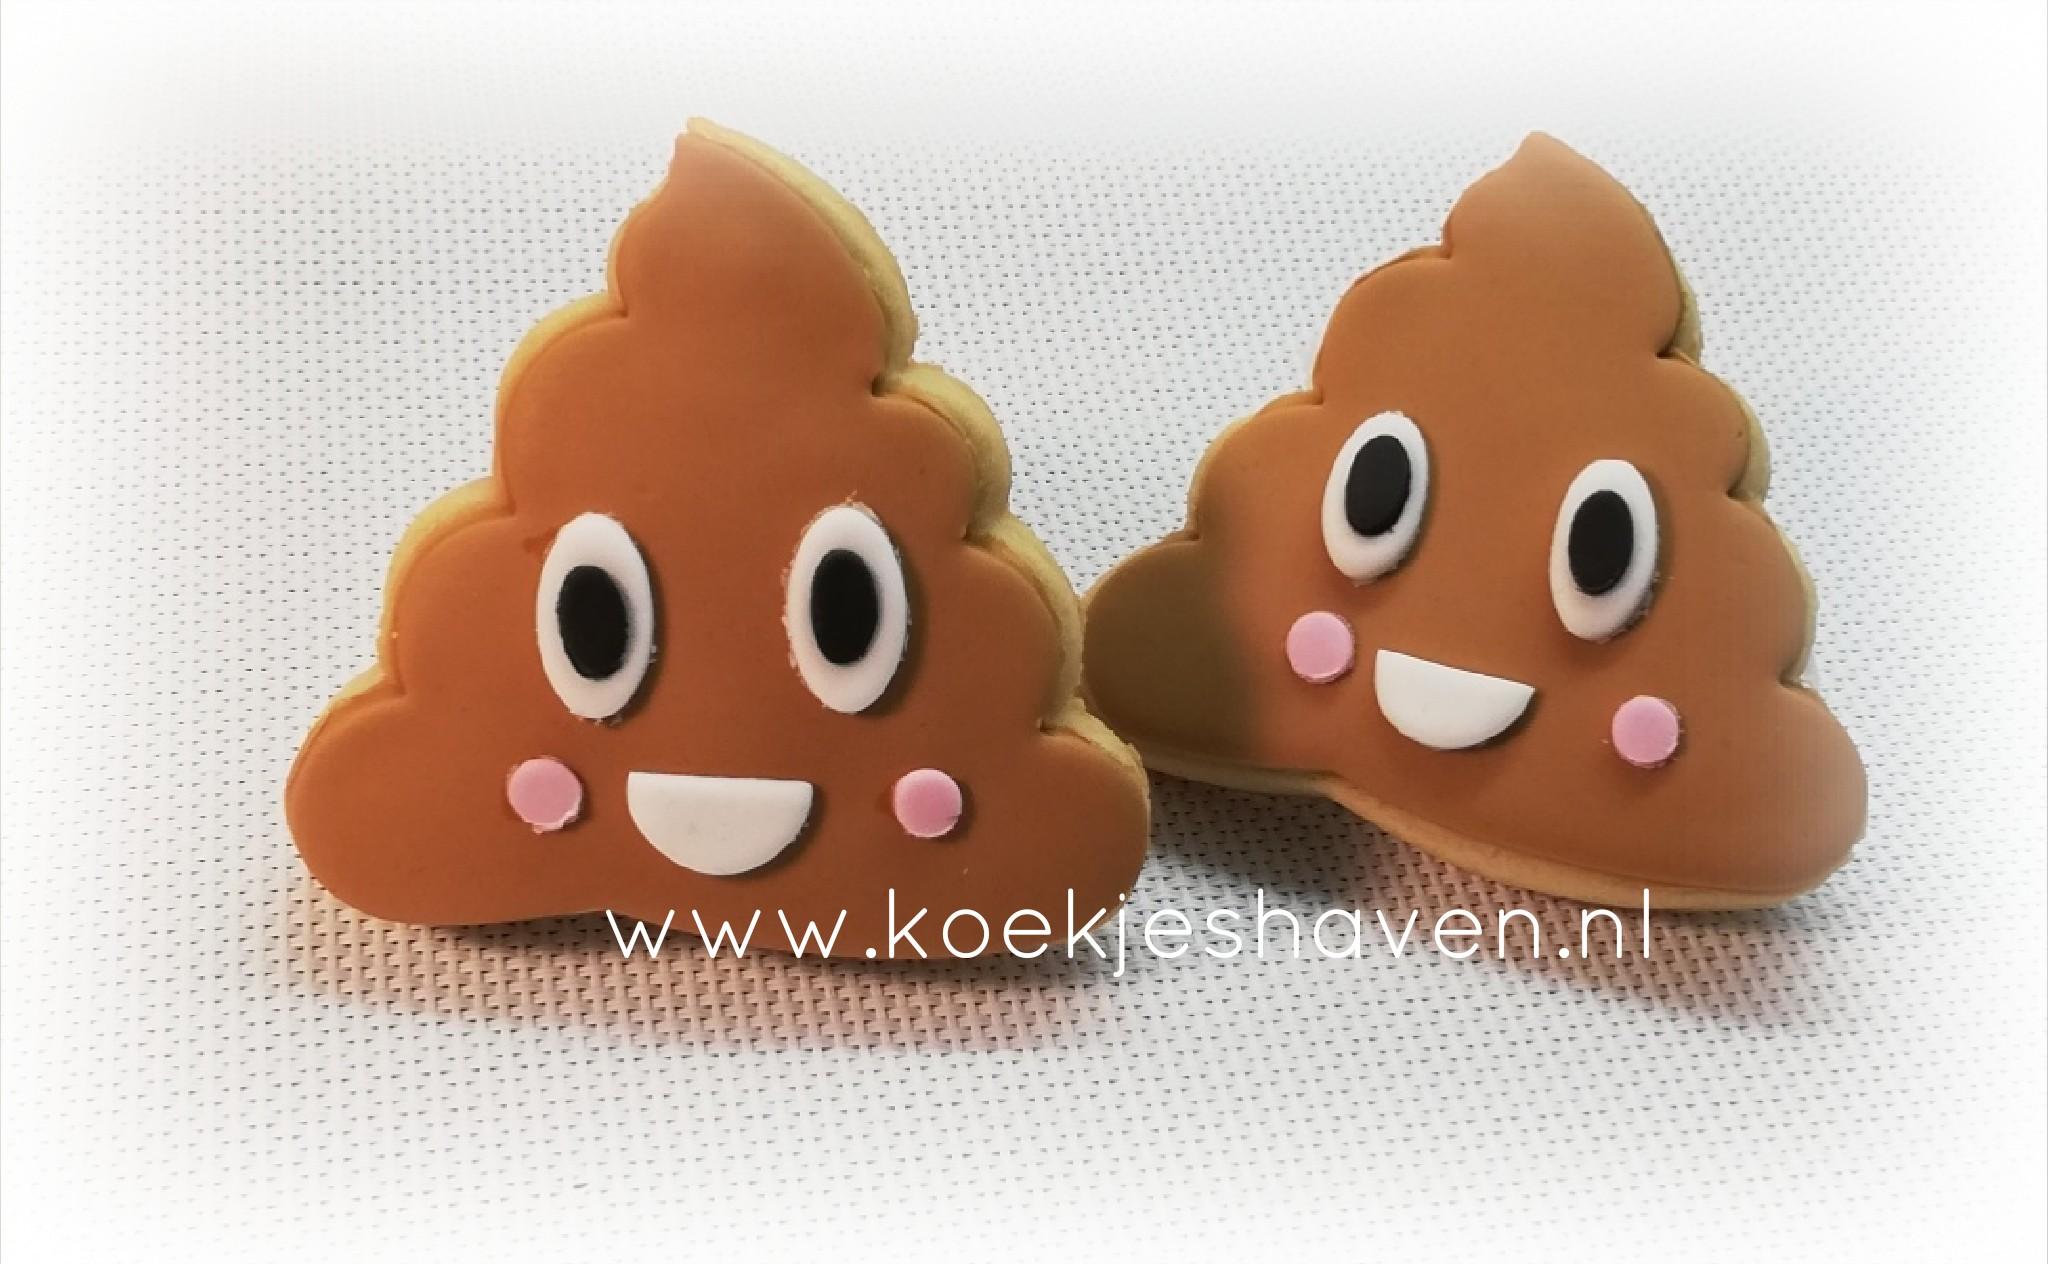 Drol Emoji/Poop Emoji Koekjes